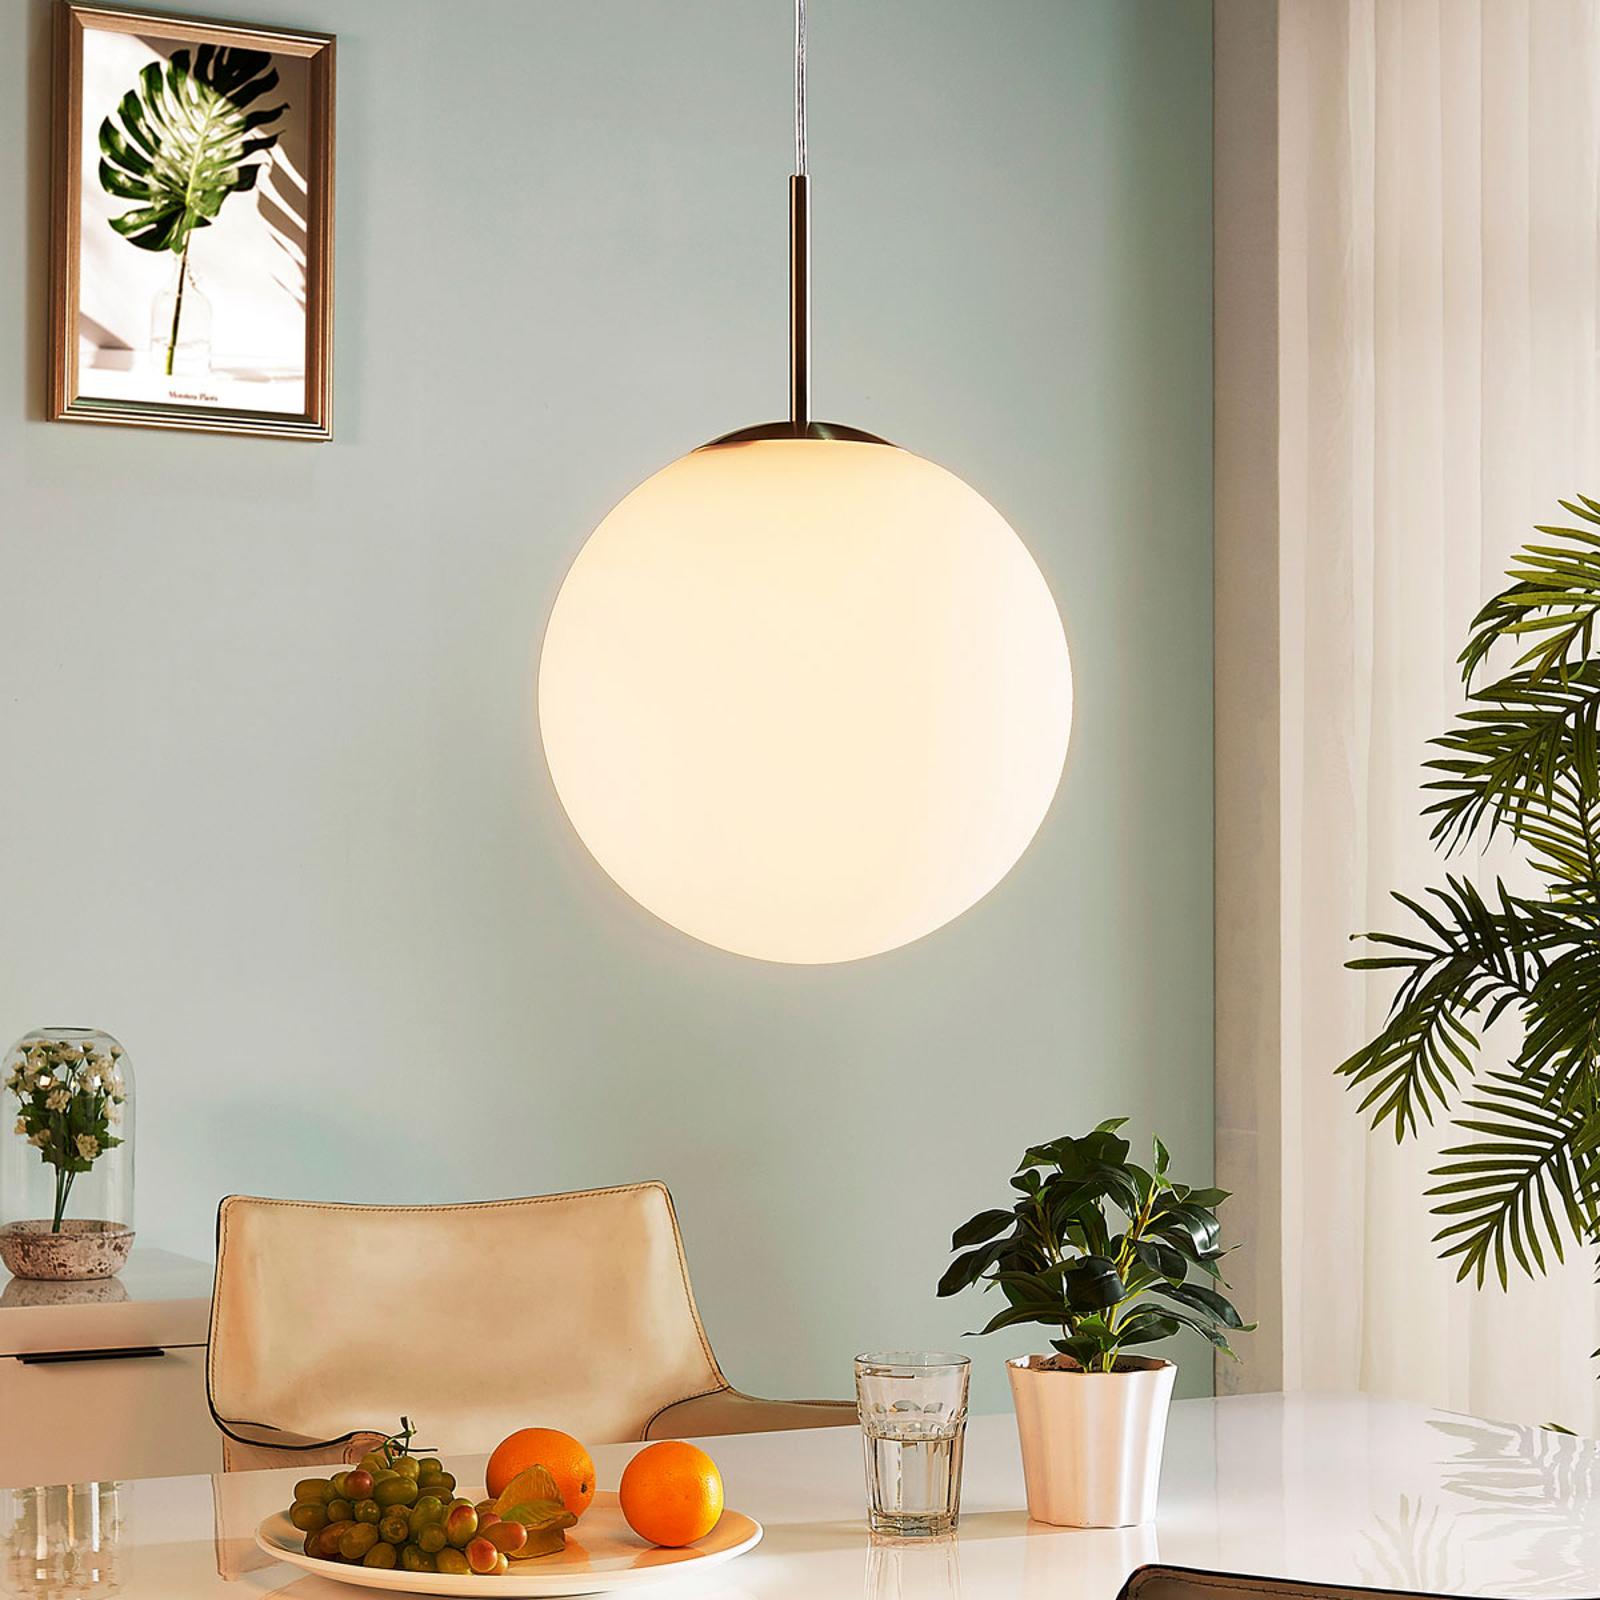 Lampa wisząca Marike, szkło opalowe, biała